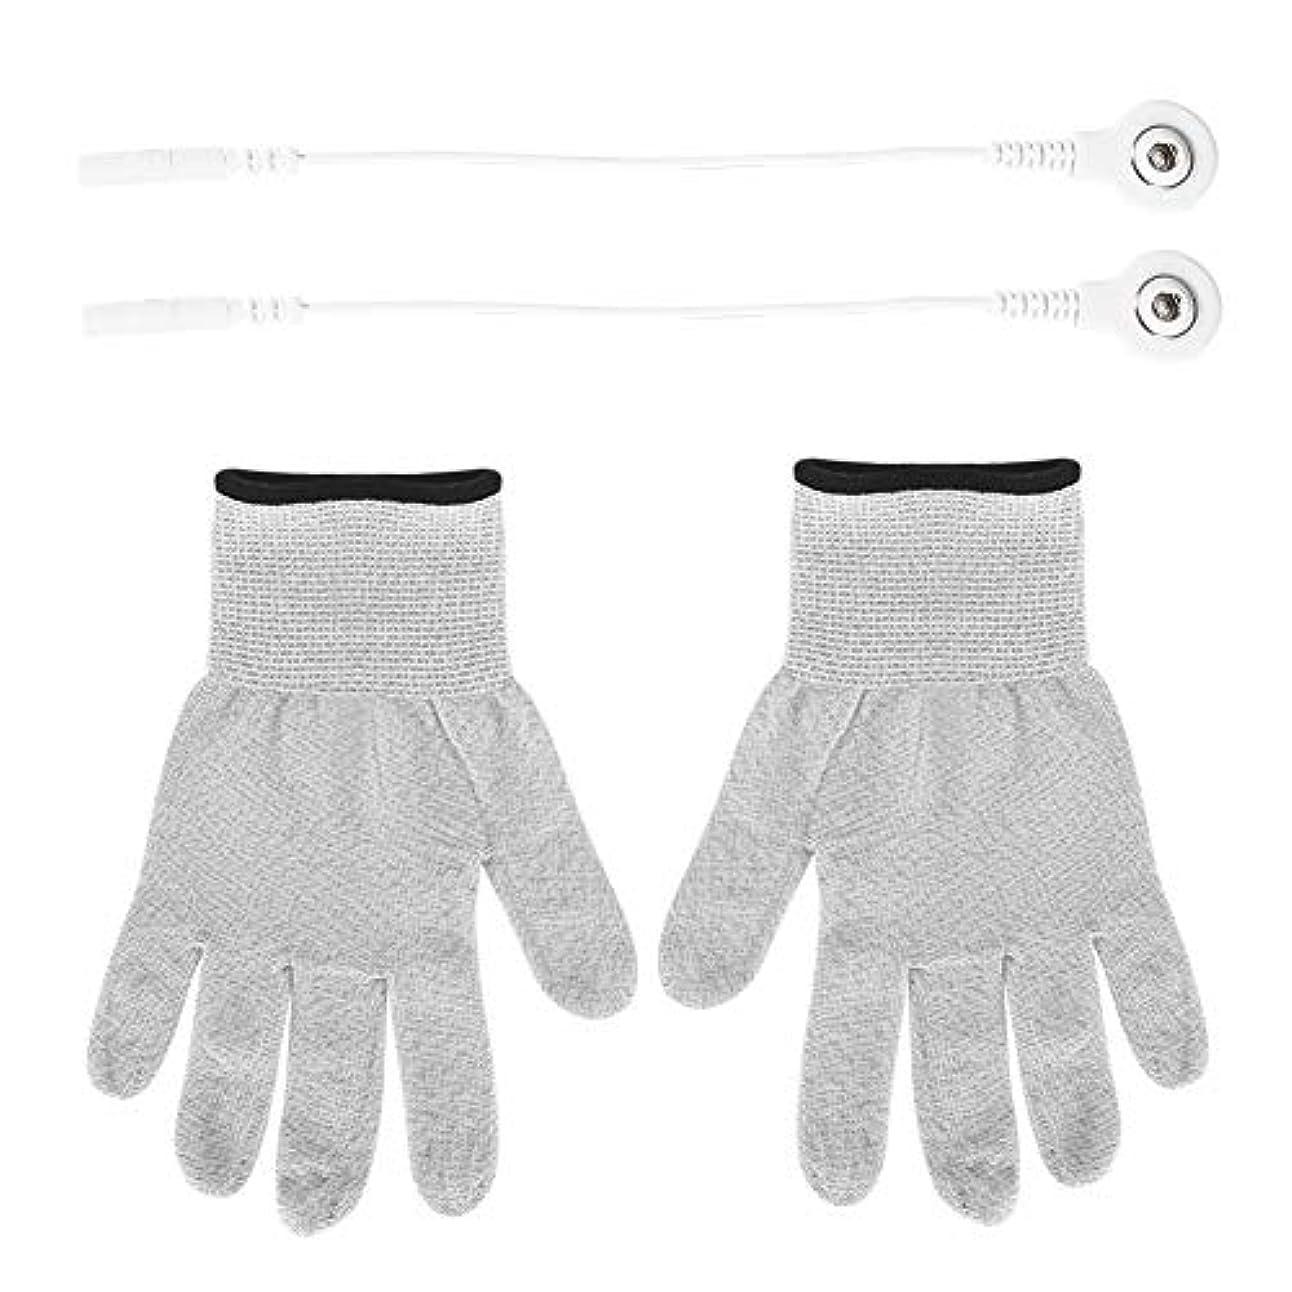 クライアント志す劣る1組 電極 手袋繊維 電気衝撃療法 マッサージ 手袋電気衝撃繊維 脈拍療法 マッサージ 伝導性 手袋